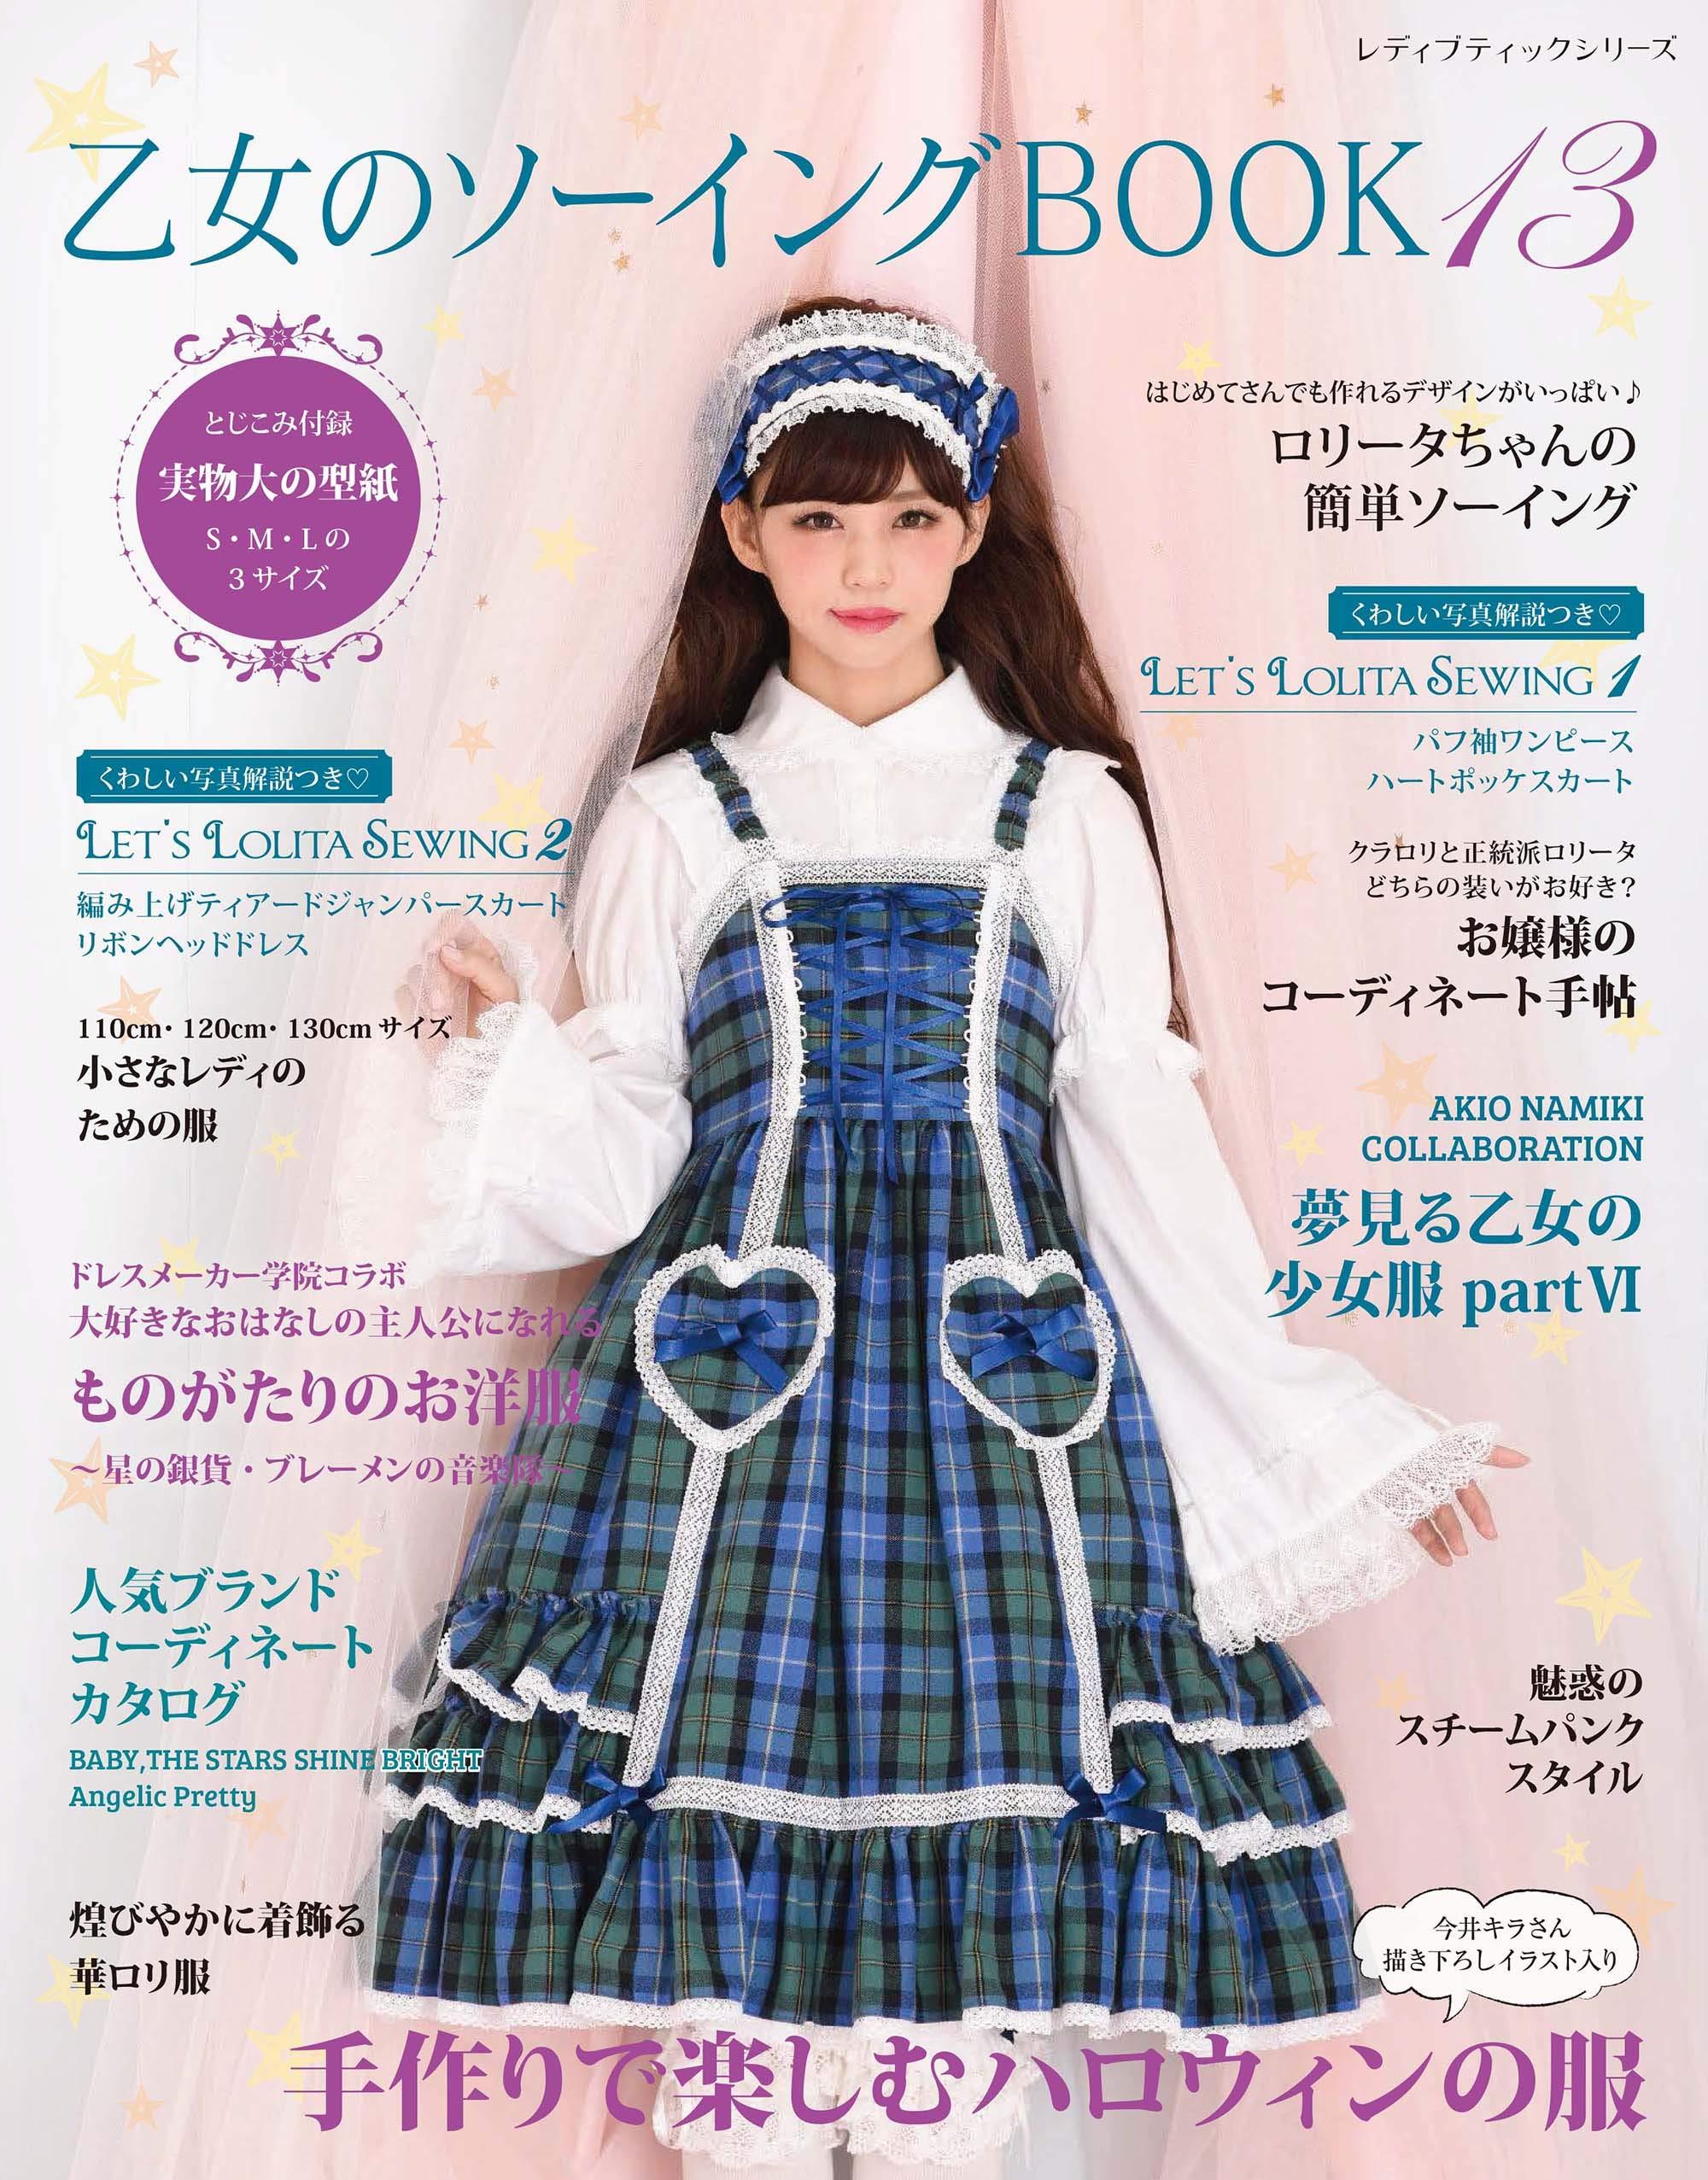 乙女のソーイングbook13 レディブティックシリーズno4672 本